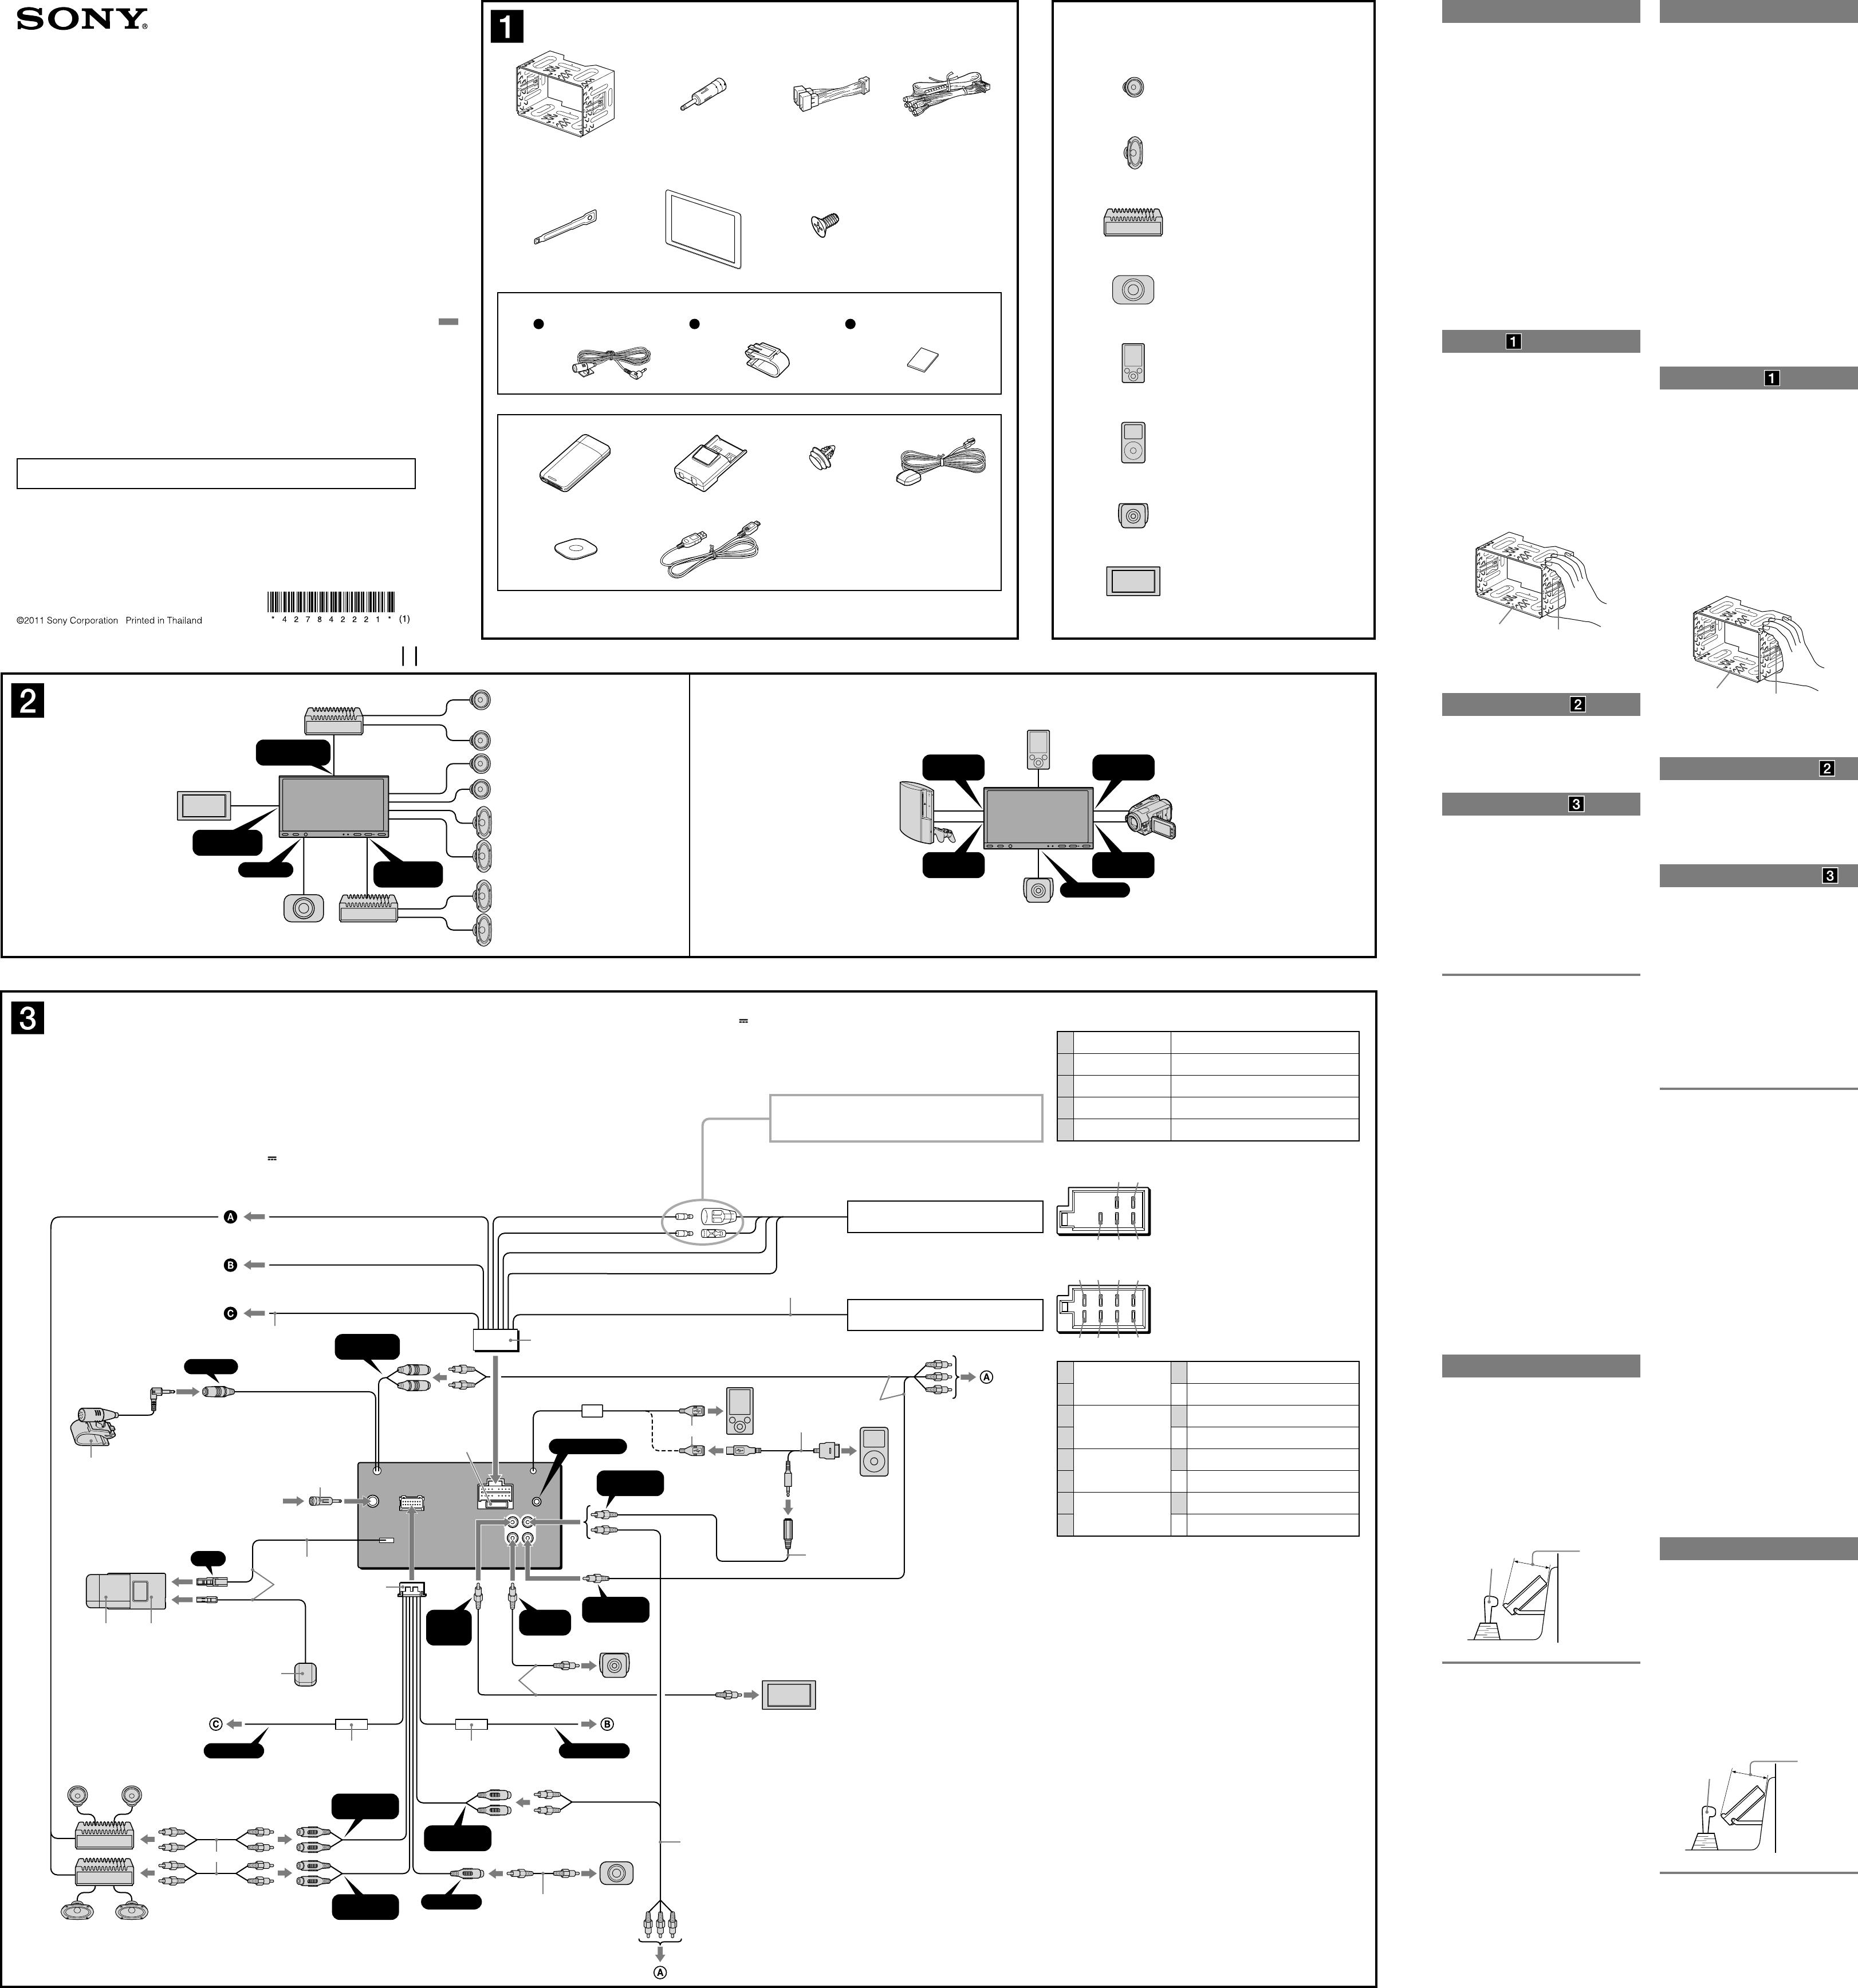 sony xnv 660bt wiring diagram wiring diagram